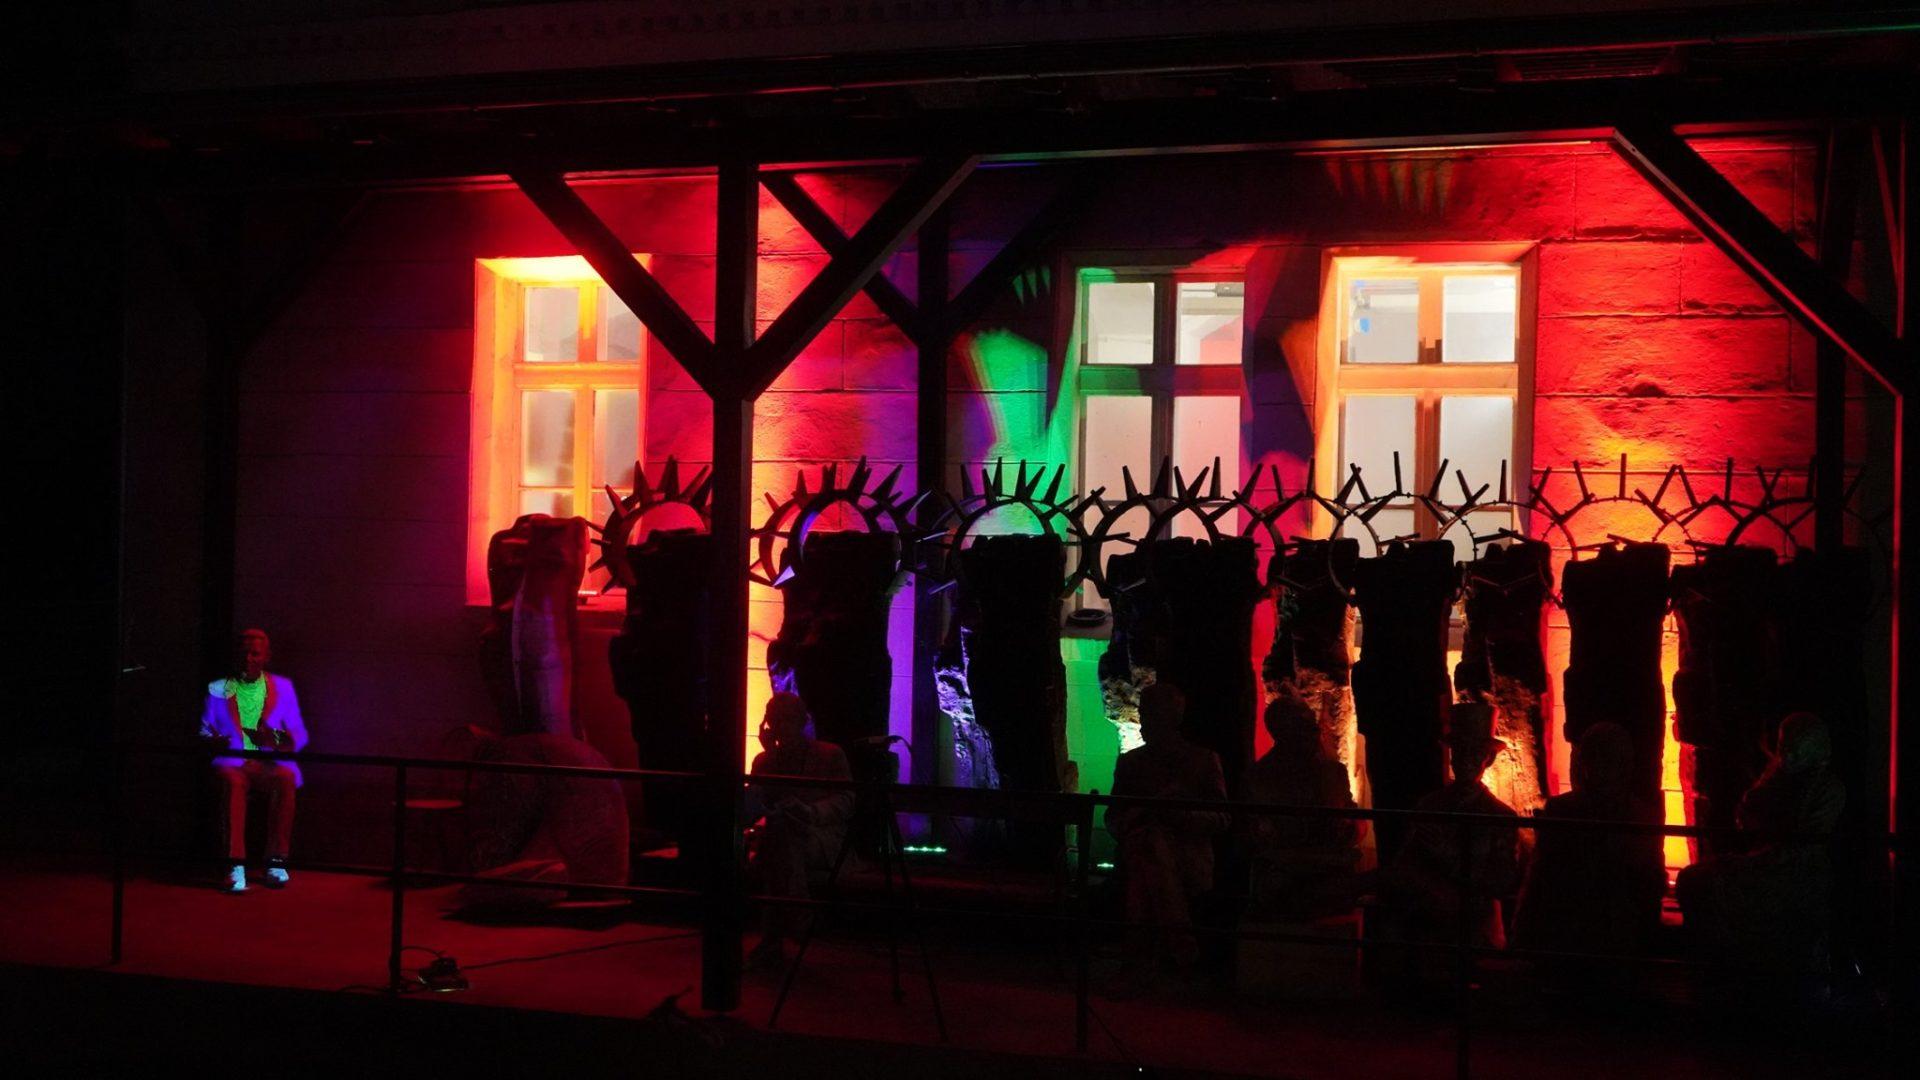 Rzeźby profesora Molendy ożywione światłem